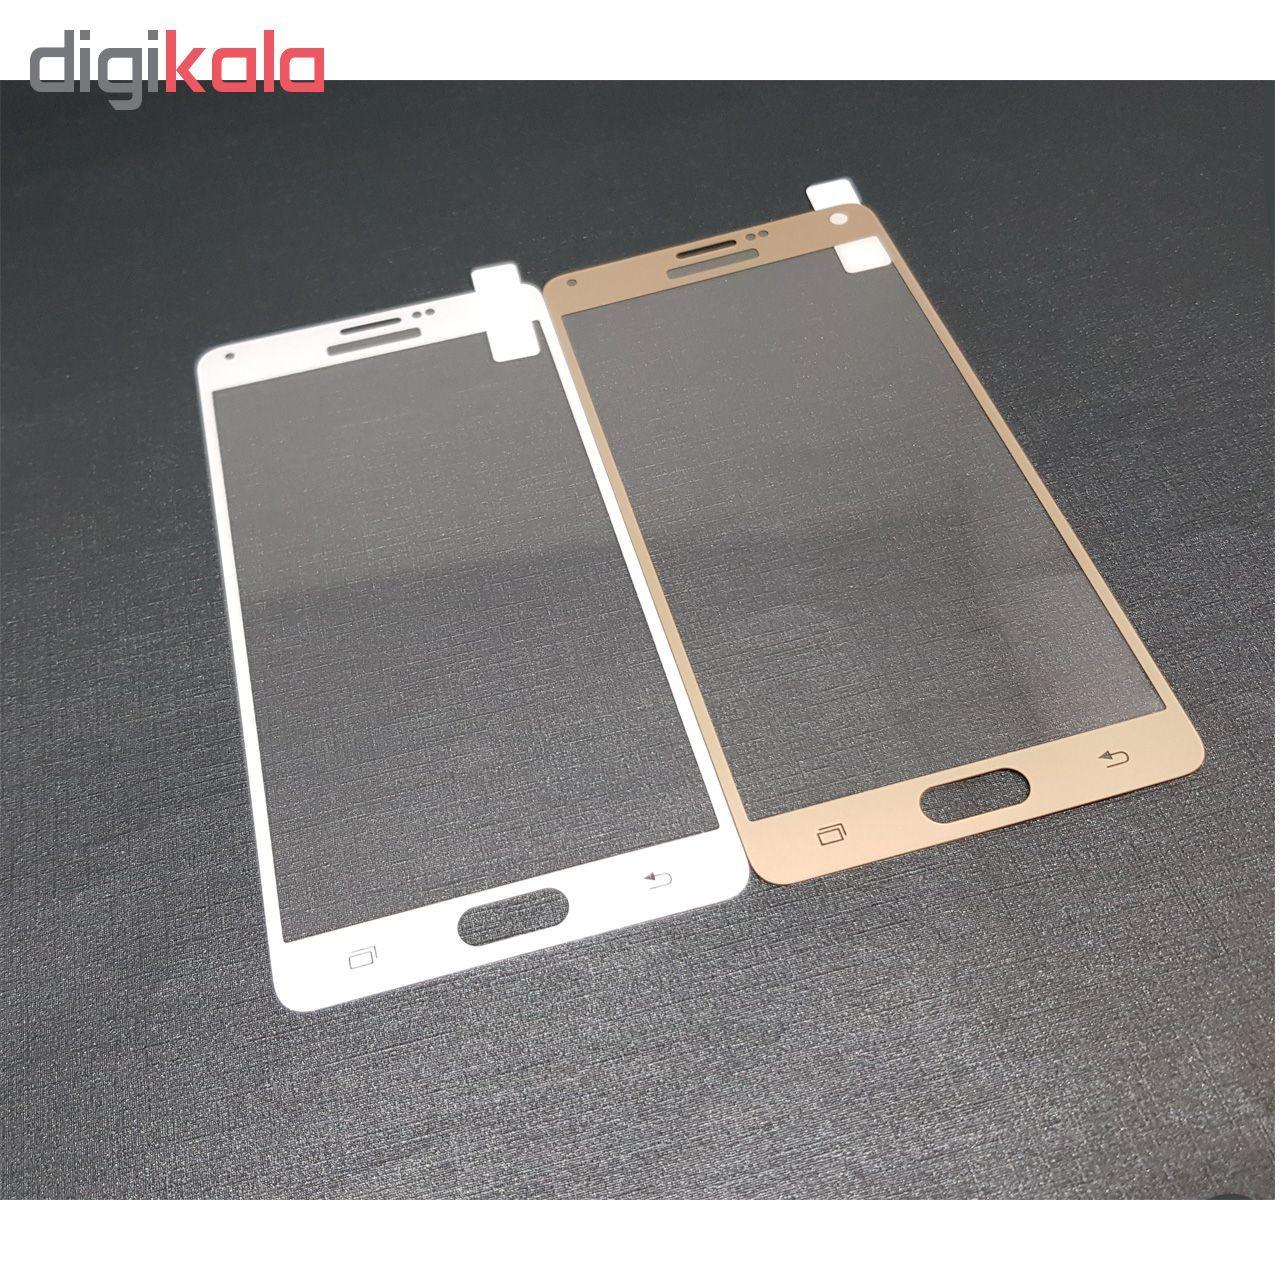 محافظ صفحه نمایش شیشه ای مدل Hard and thick فول کاور مناسب برای گوشی موبایل سامسونگ Galaxy note 4 main 1 2